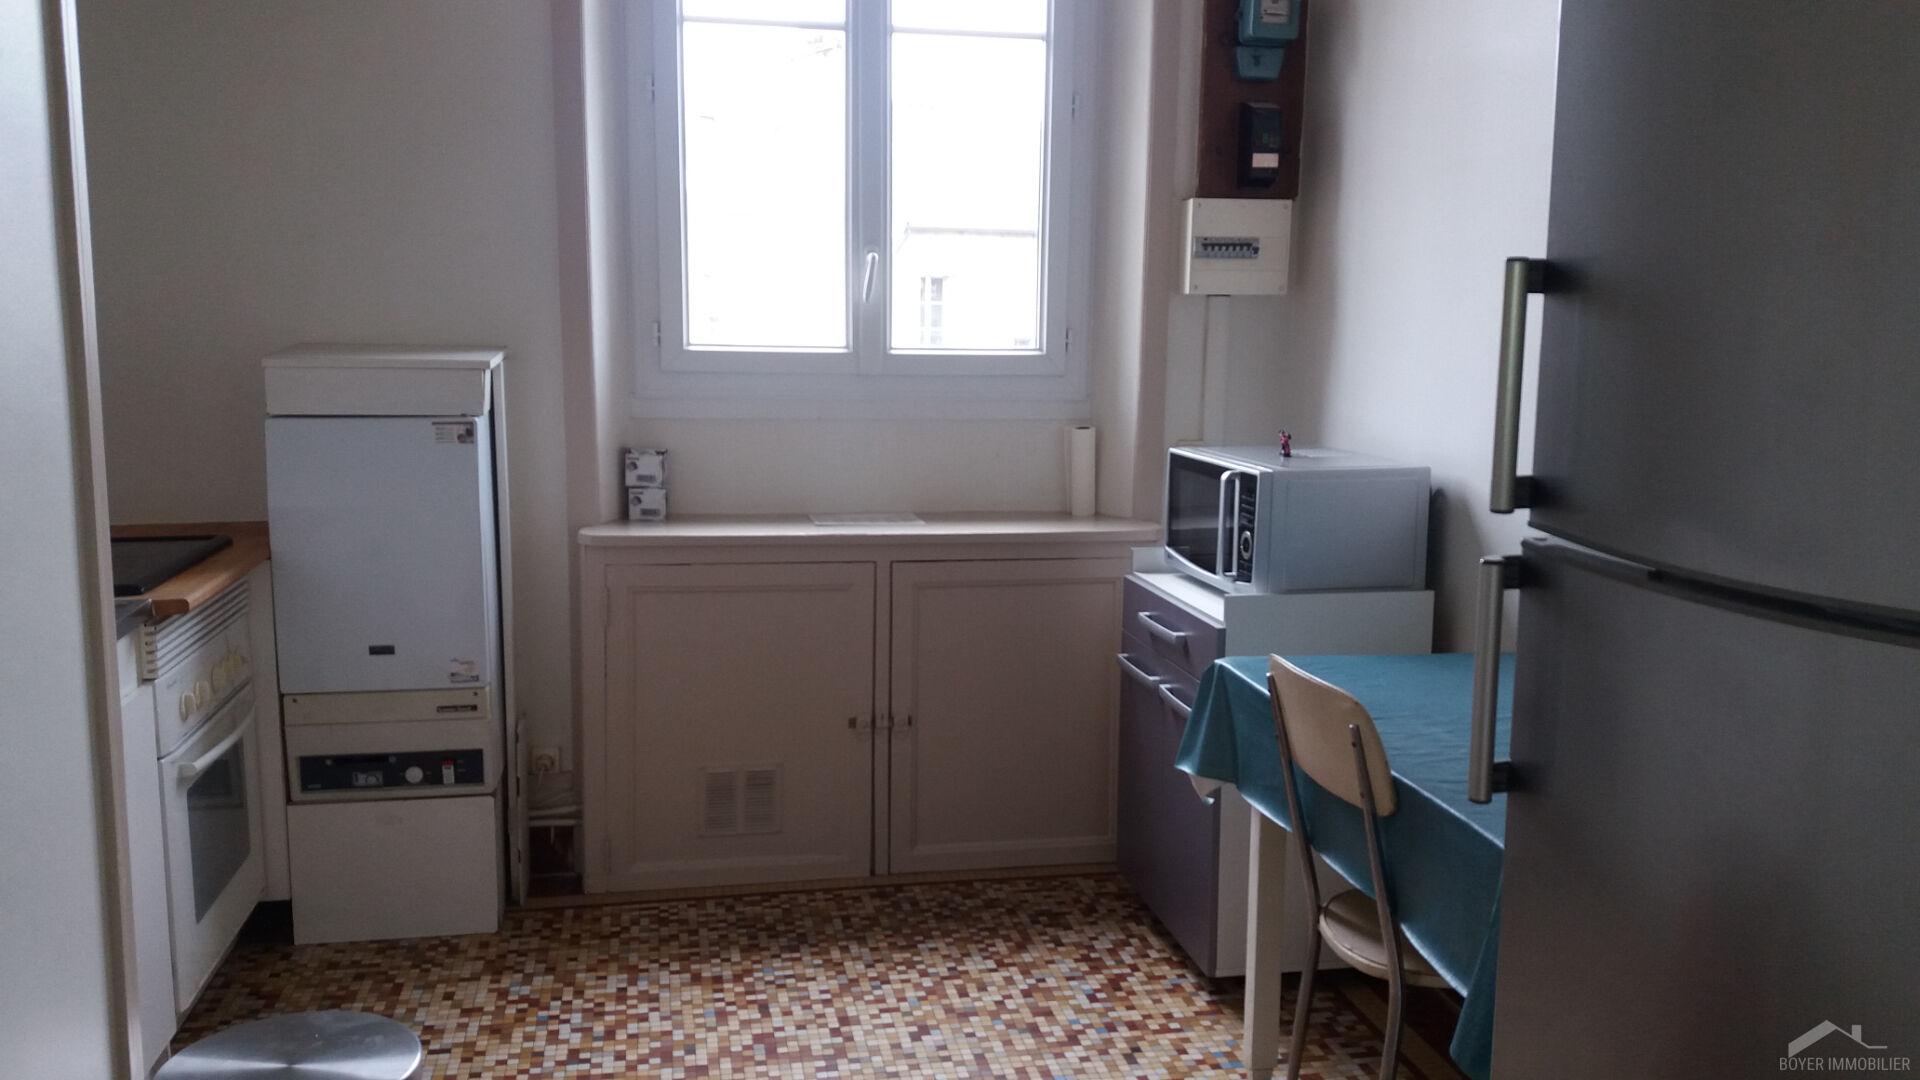 RENNES Place de Bretagne - Appartement T2 de 49m²